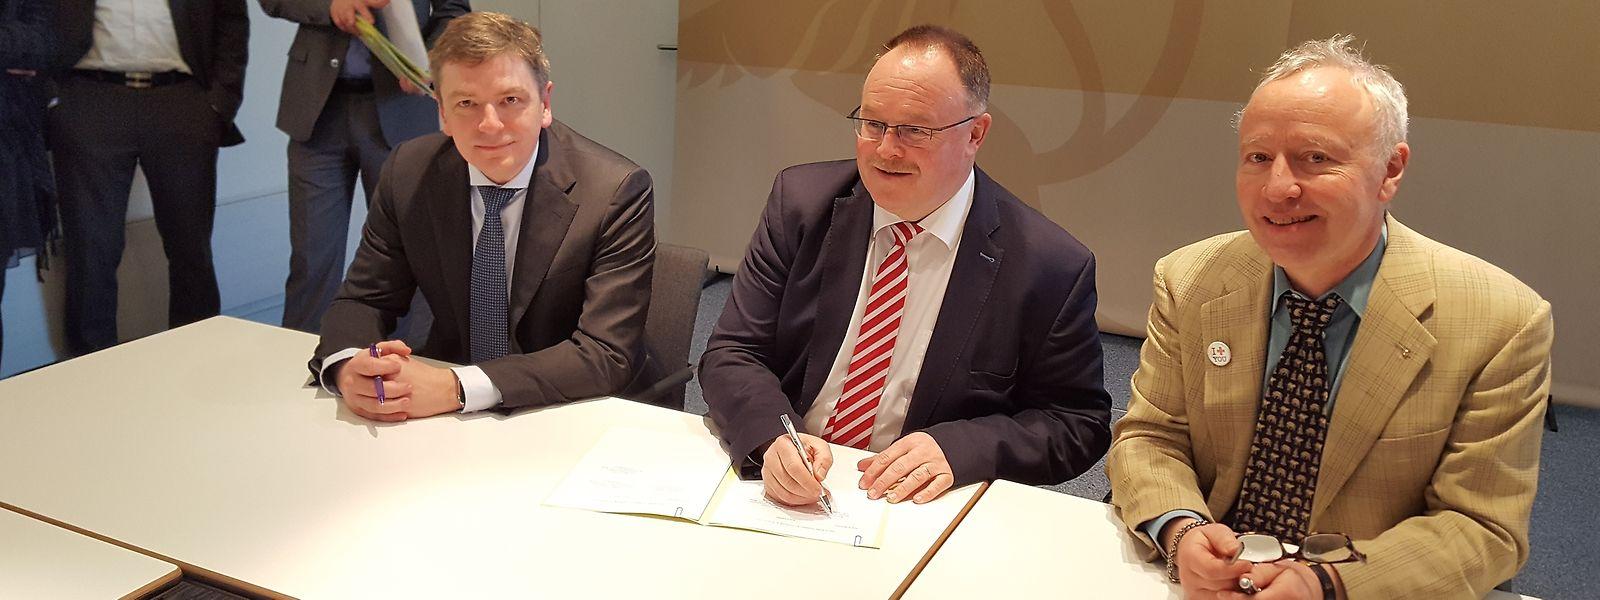 Offizielle Unterzeichnung der Rahmenabkommen: Minister Romain Schneider mit den Vertretern der Croix-Rouge.